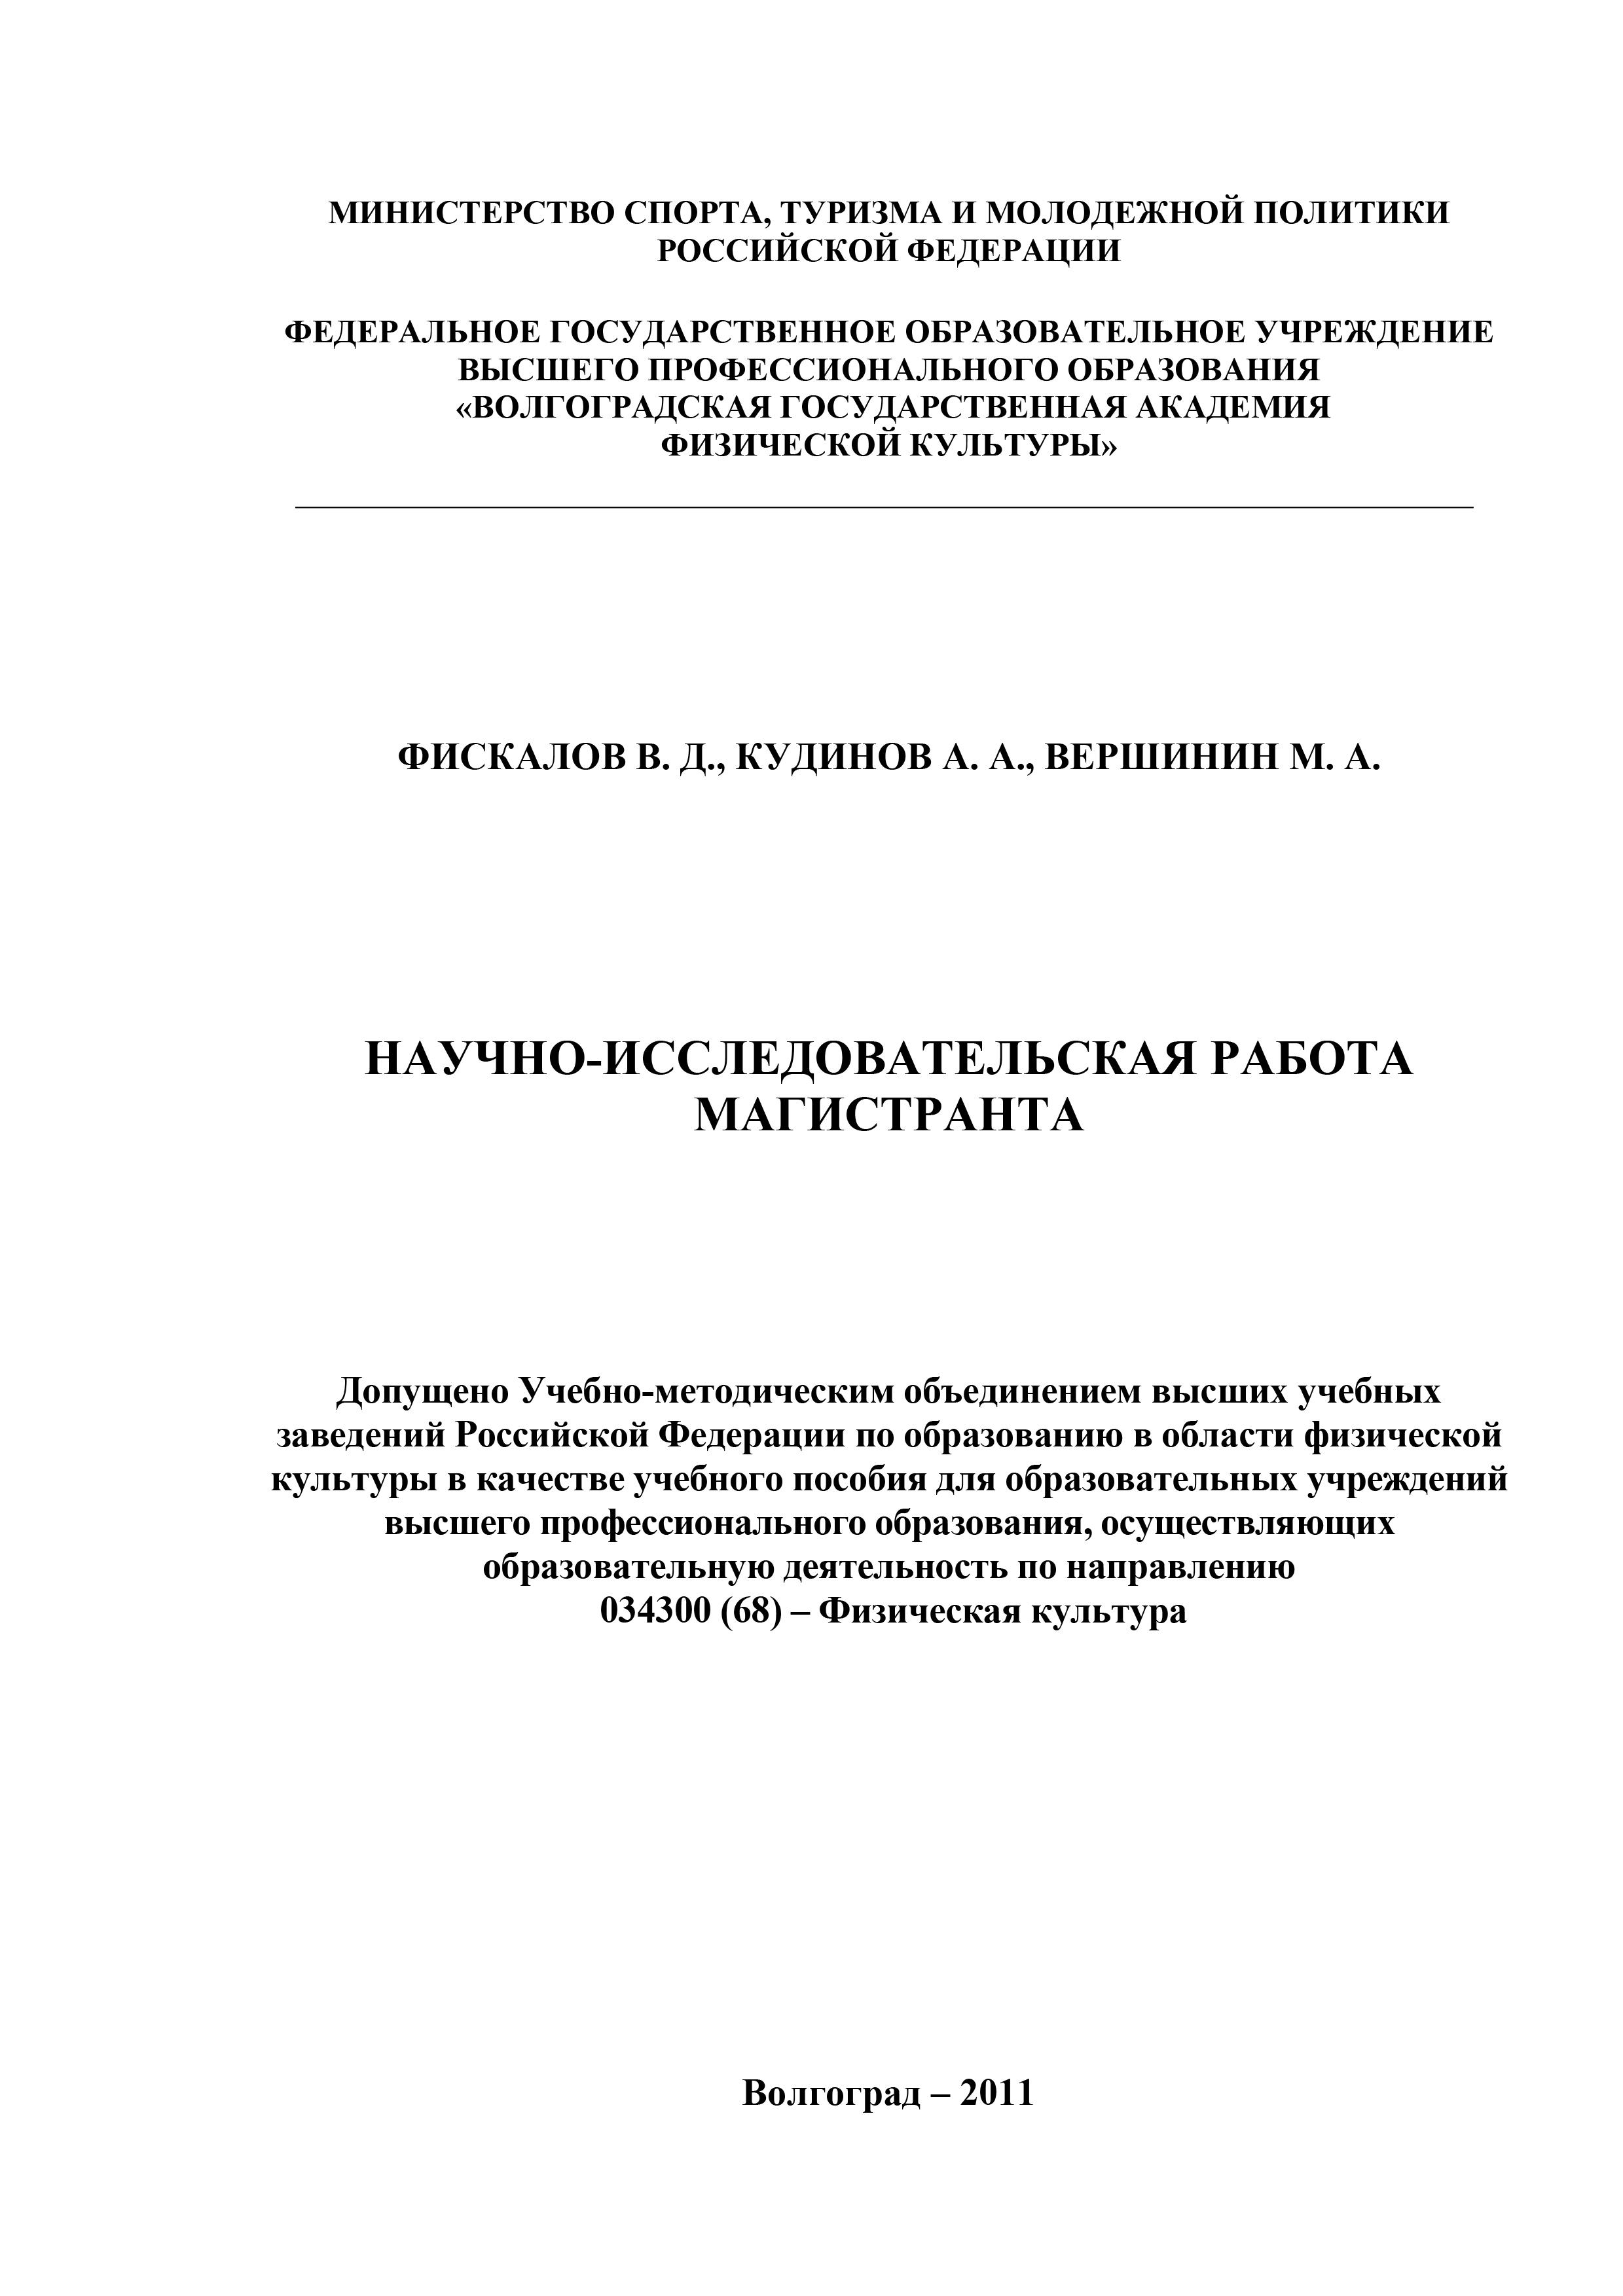 В. Д. Фискалов Научно-исследовательская работа магистранта елена хоменко научная работа магистрантов